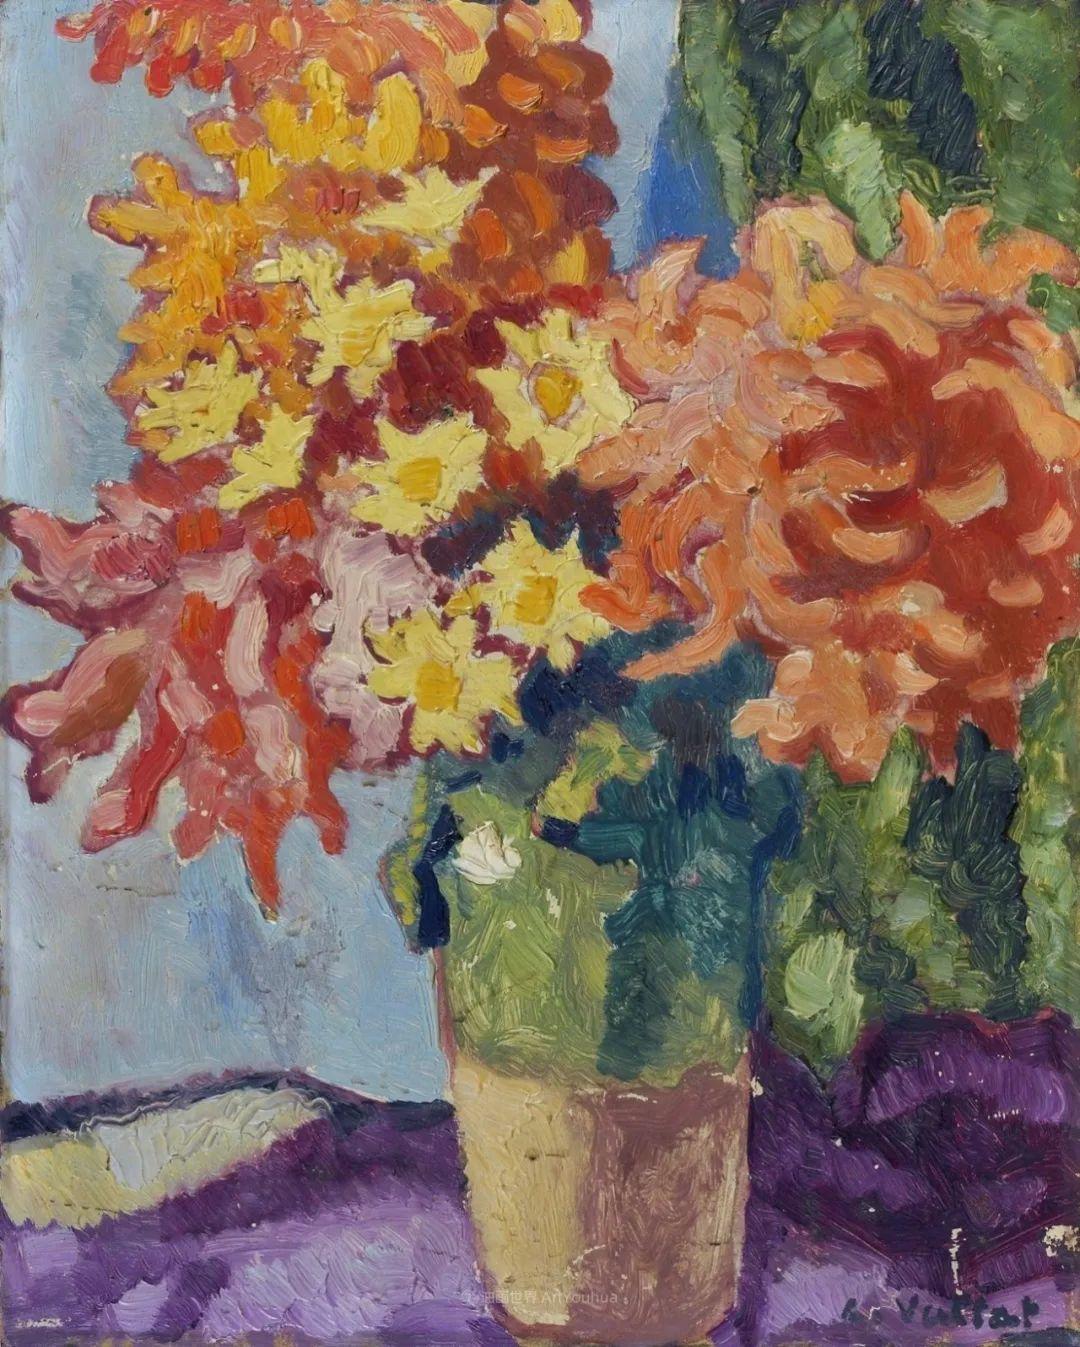 笔触粗犷,色彩令人陶醉,高清花卉作品插图54